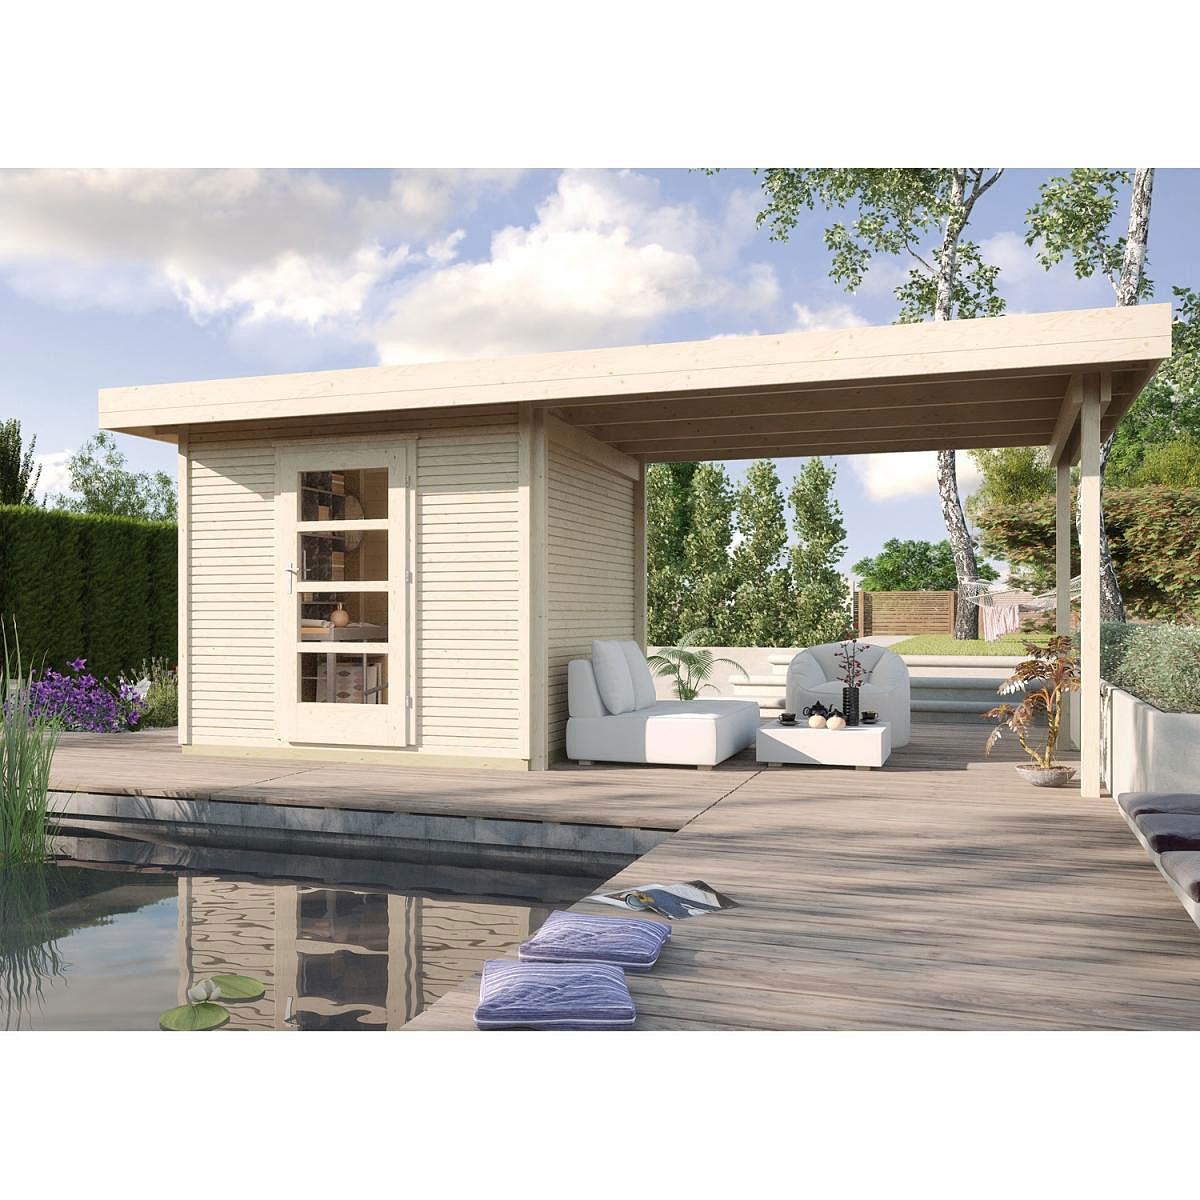 Weka Holz-Gartenhaus wekaLine Natur 240 cm x 235 cm mit Anbau 300 cm